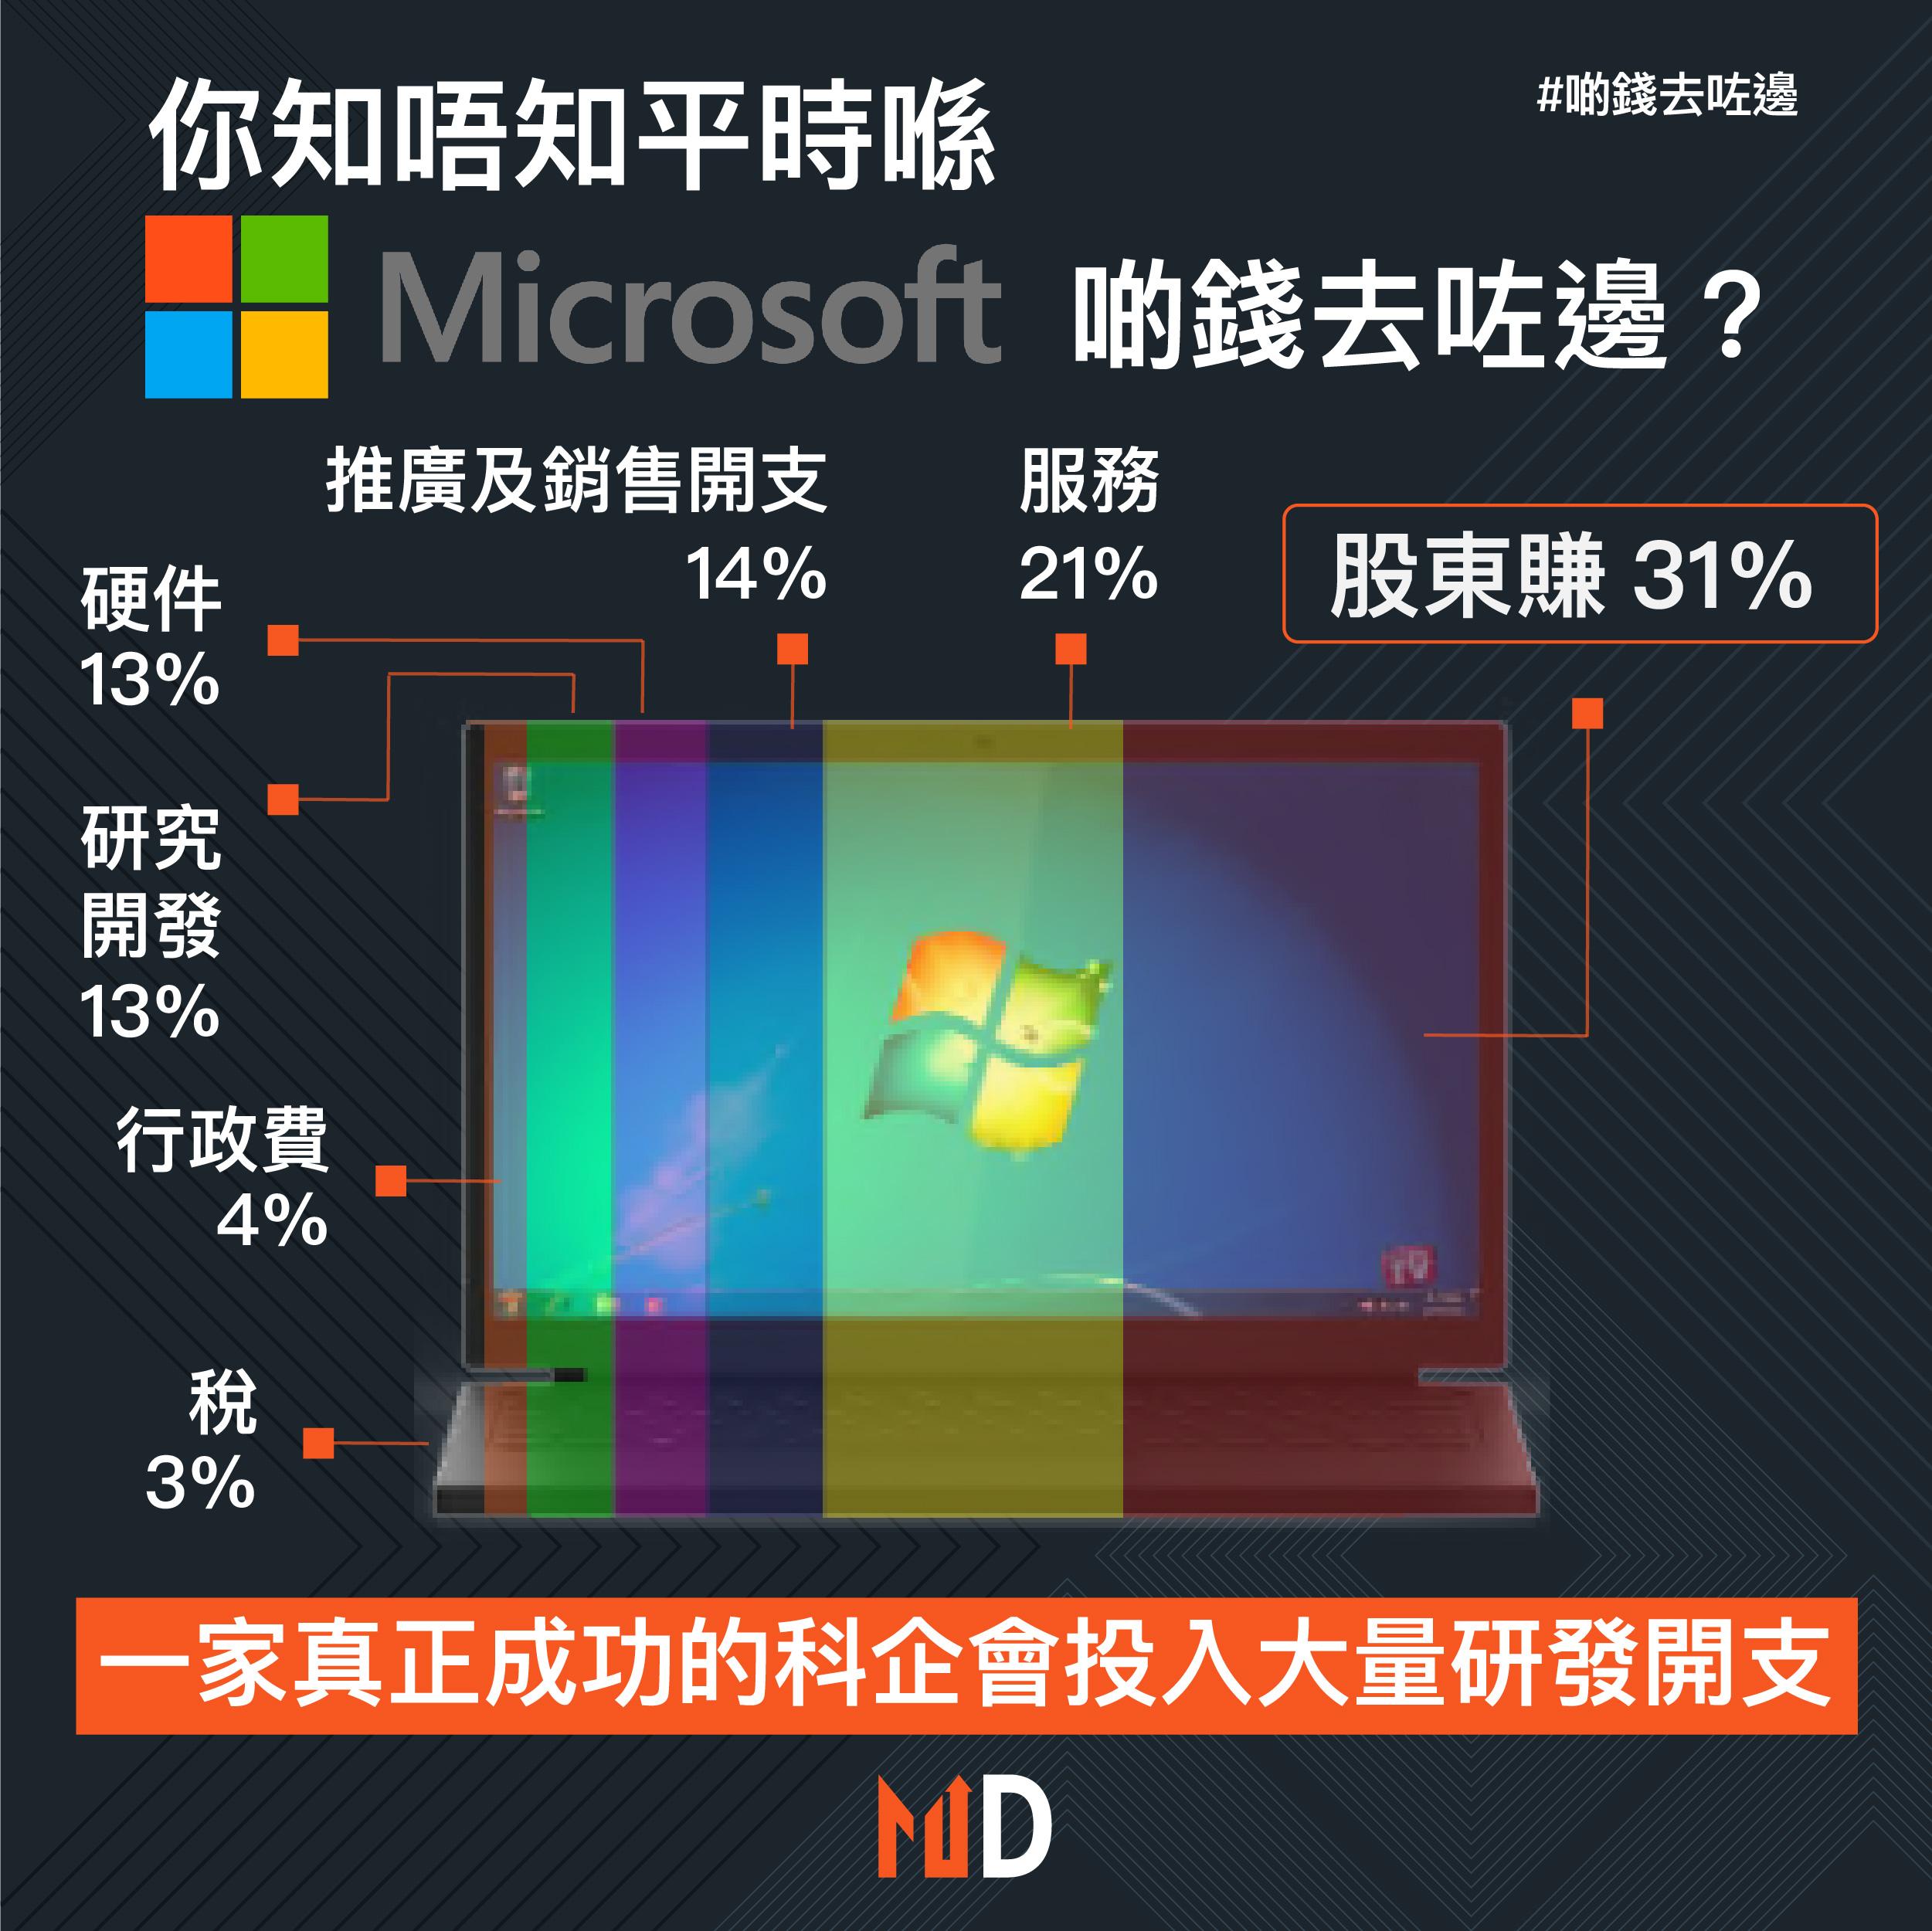 【啲錢去咗邊】你知唔知平時喺Microsoft買嘢,啲錢去咗邊?